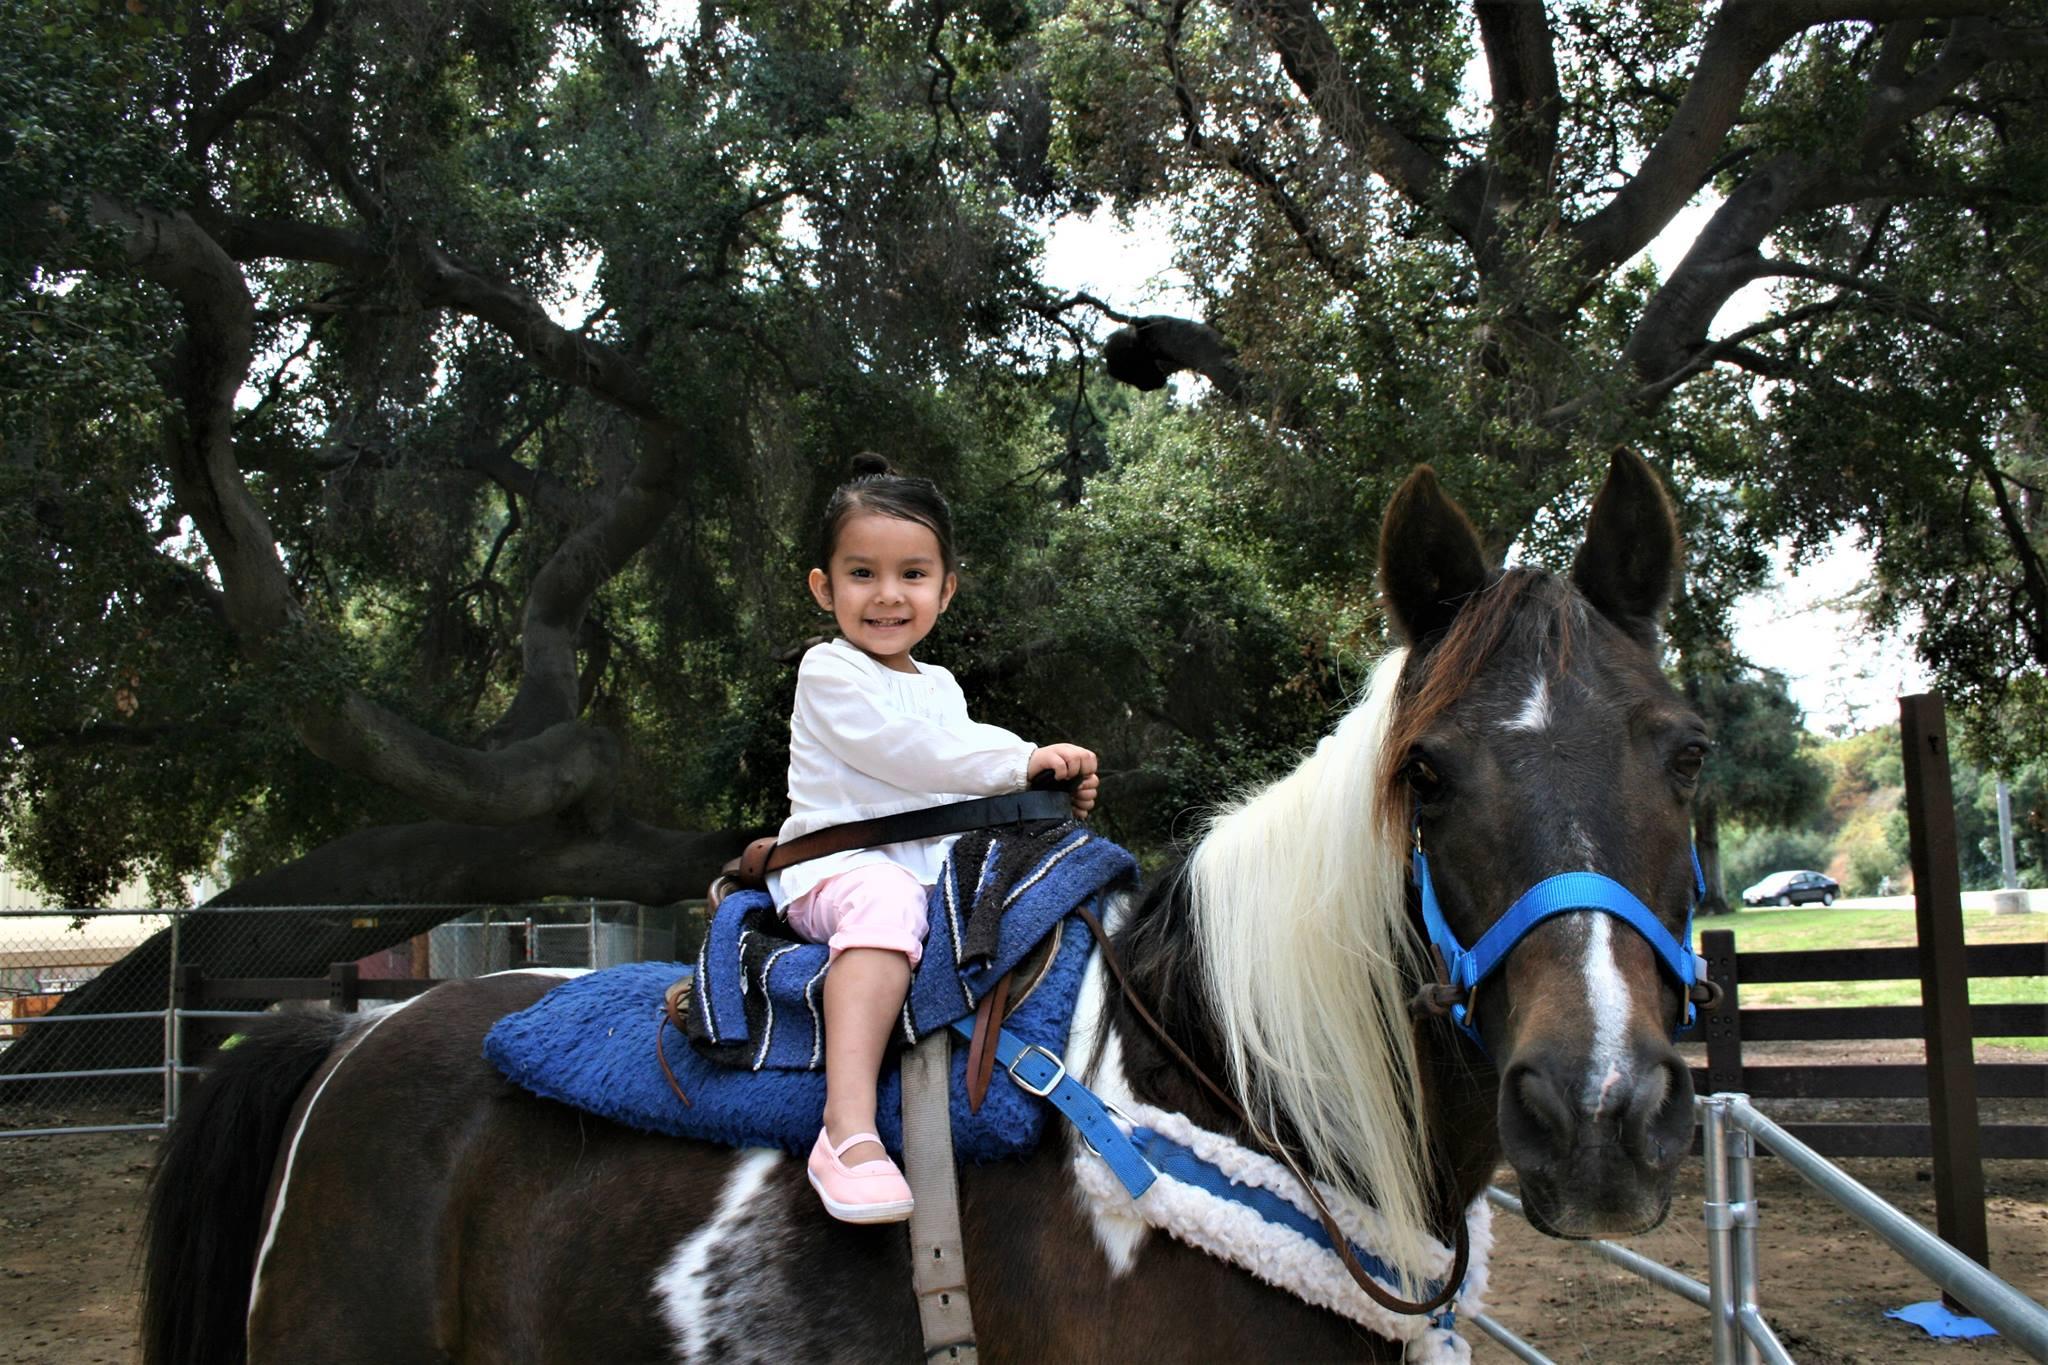 Ziggy the Pony